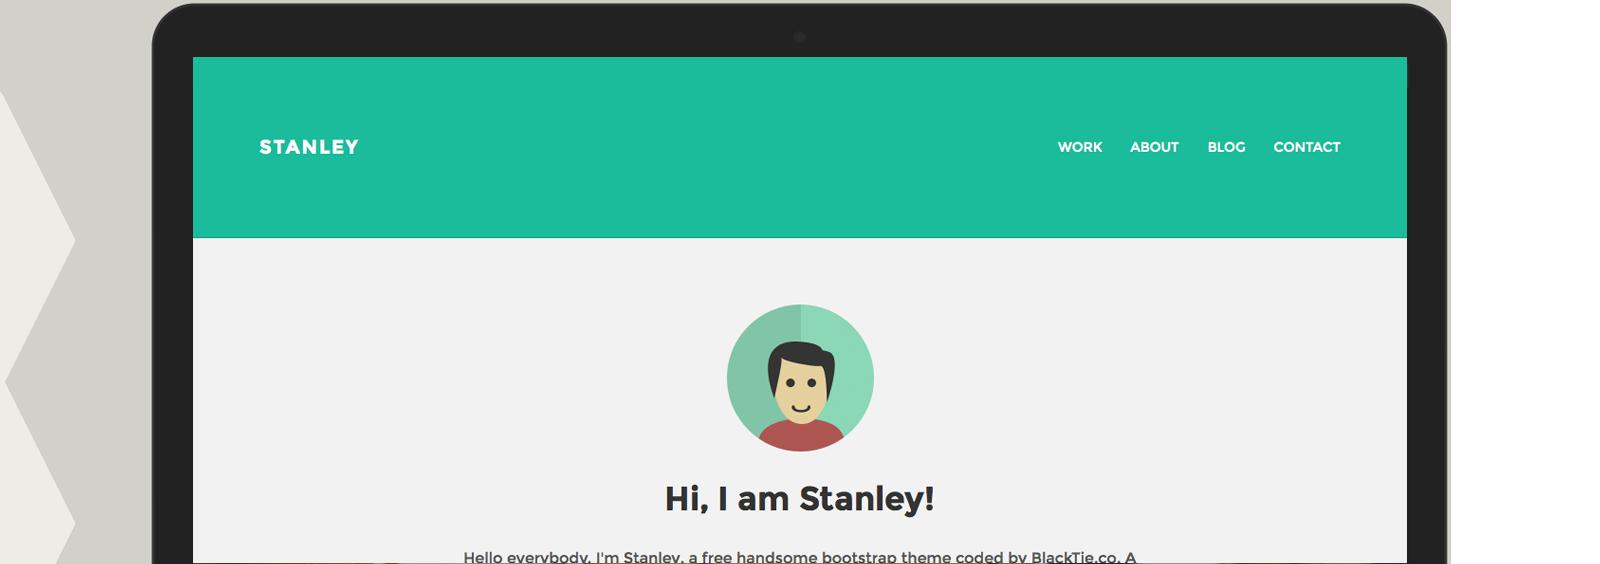 Bootstrap freelancer template работа по совместительству удаленно самара